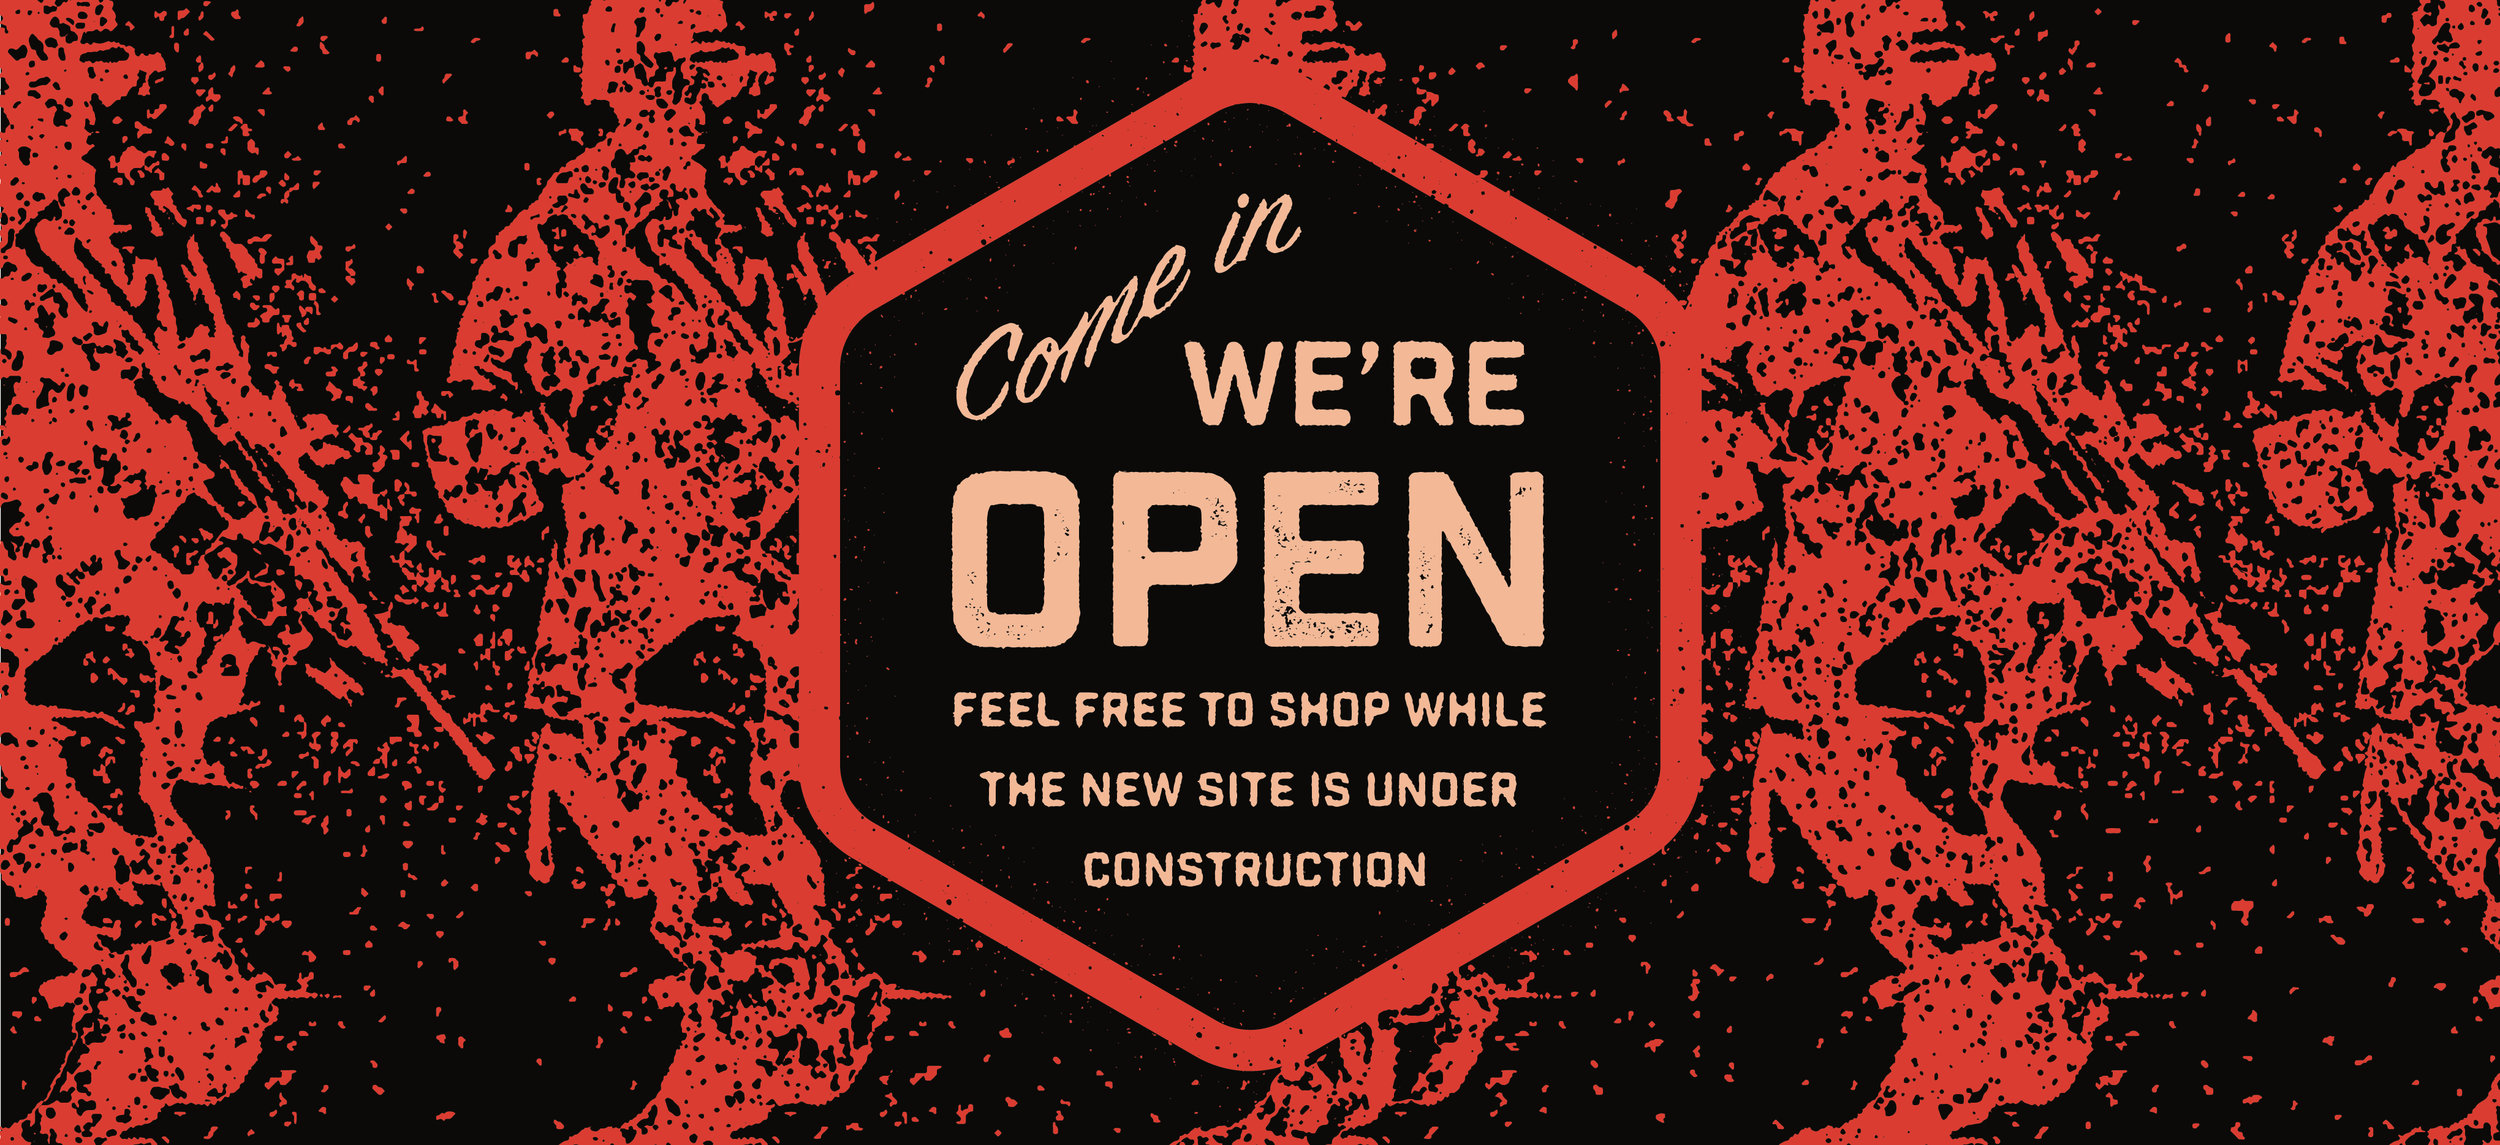 CRUSA_Website_Store Open Banner.jpg